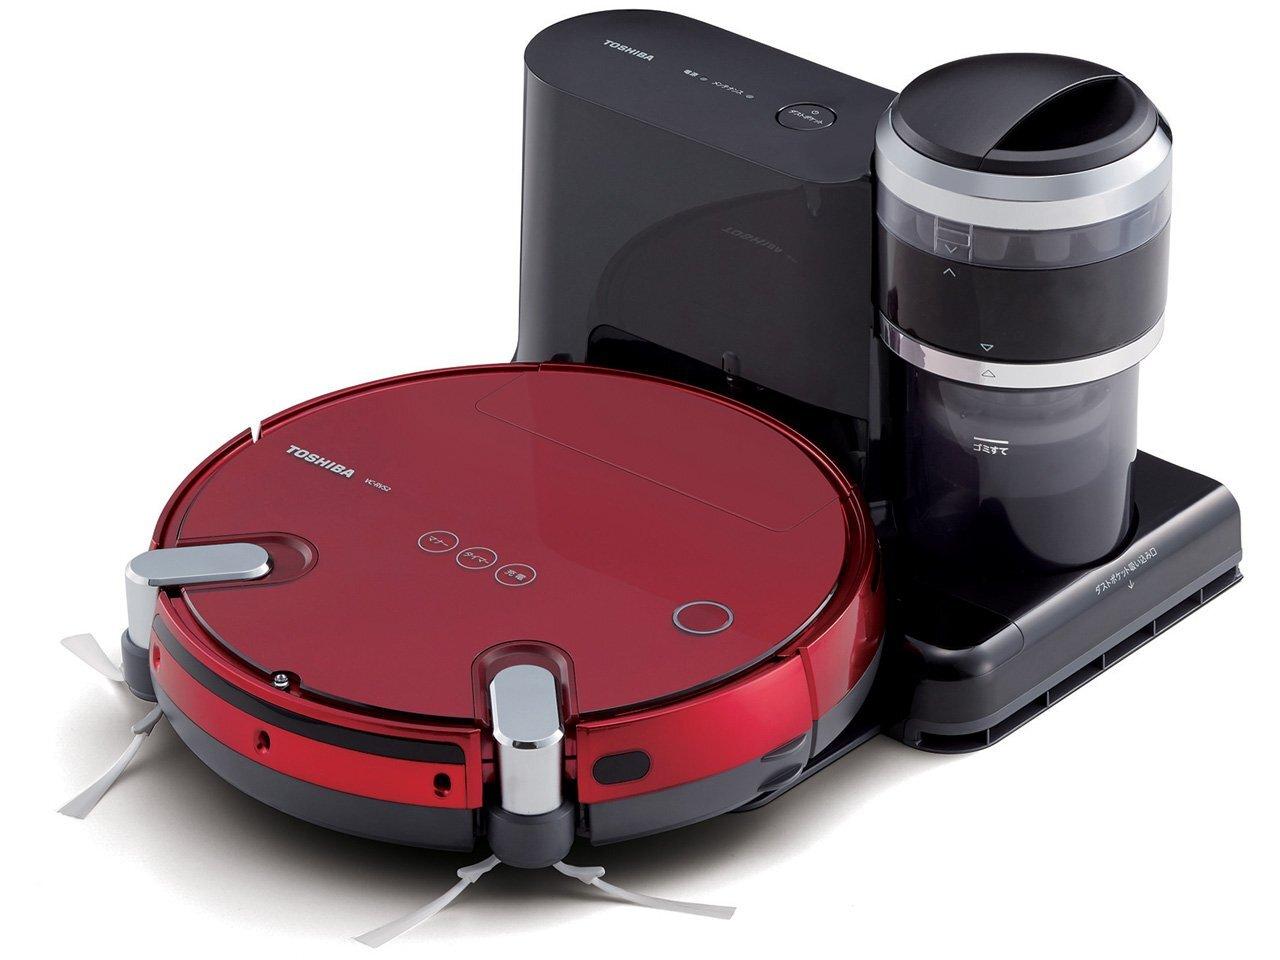 Đến từ thương hiệu điện tử nổi tiếng toàn cầu, robot hút bụi Toshiba đem đến cho bạn một giải pháp làm sạch nhà hoàn toàn mới